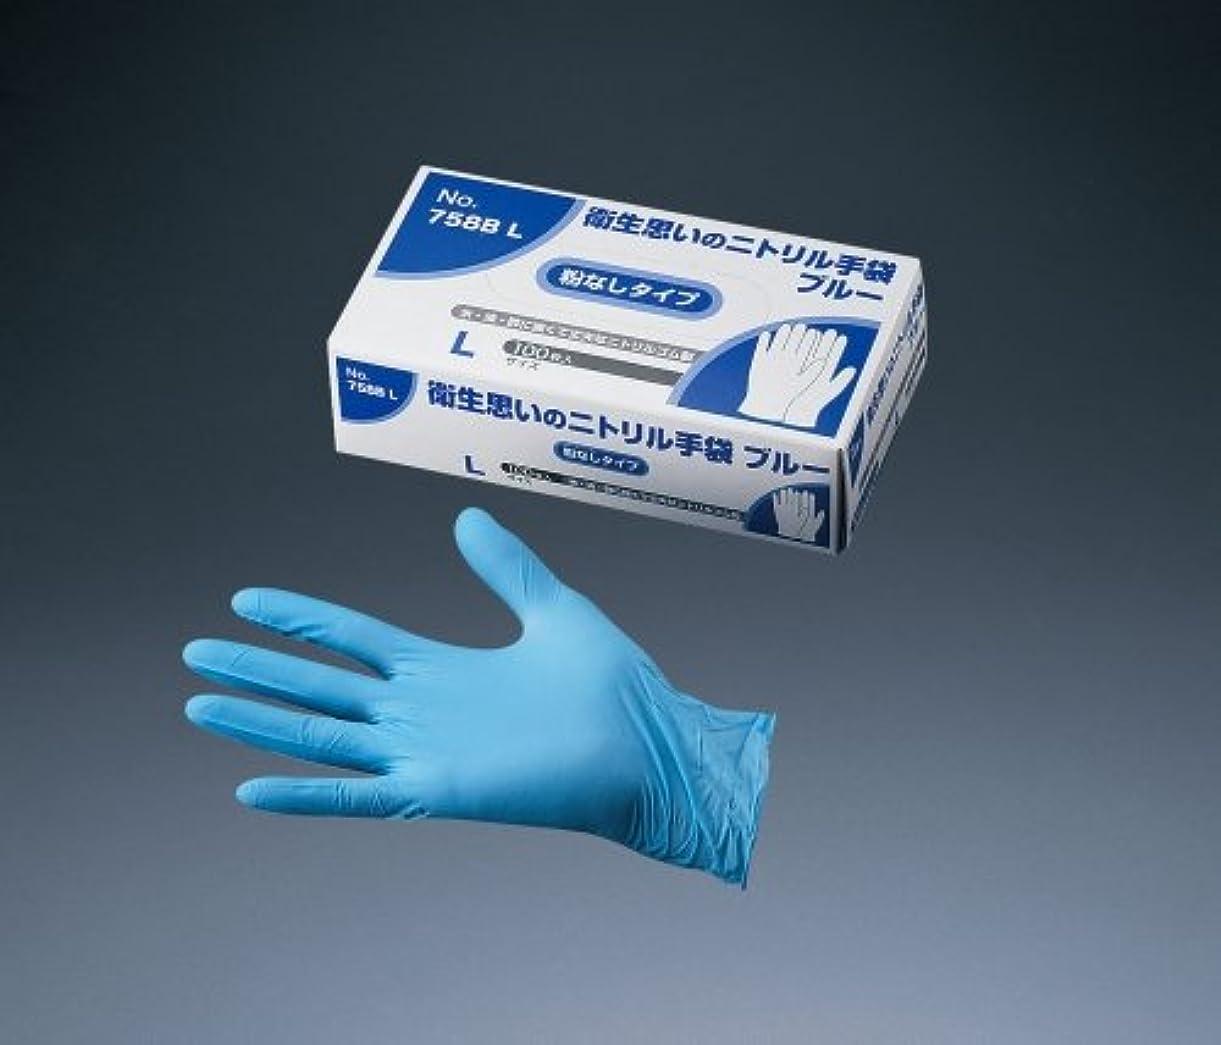 スペイン寄託八衛生思いのニトリル手袋(粉なし)ブルー